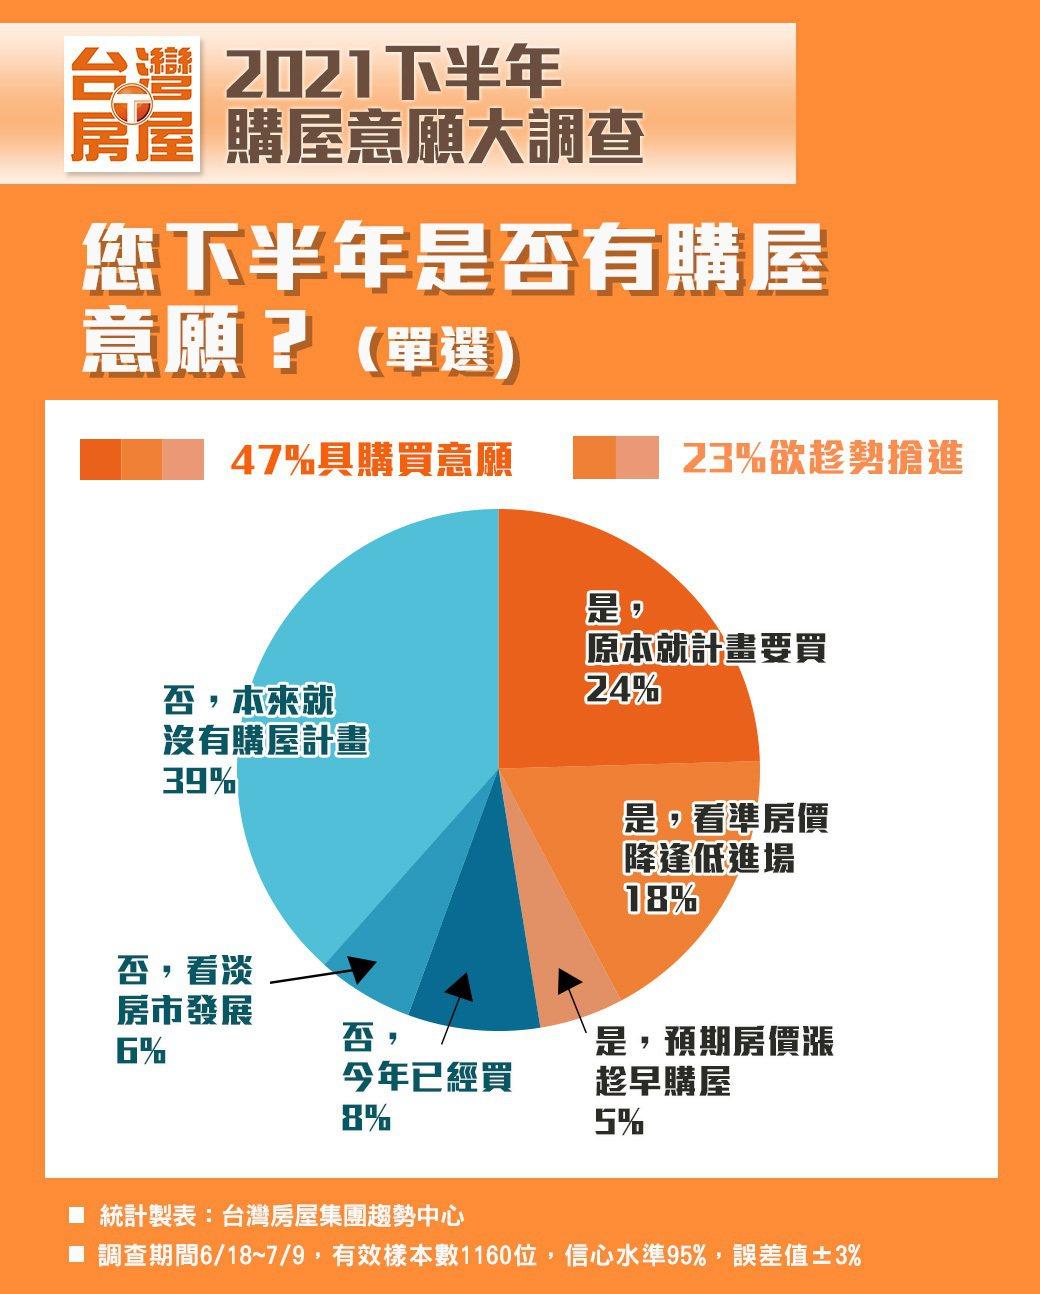 資料來源/台灣房屋提供